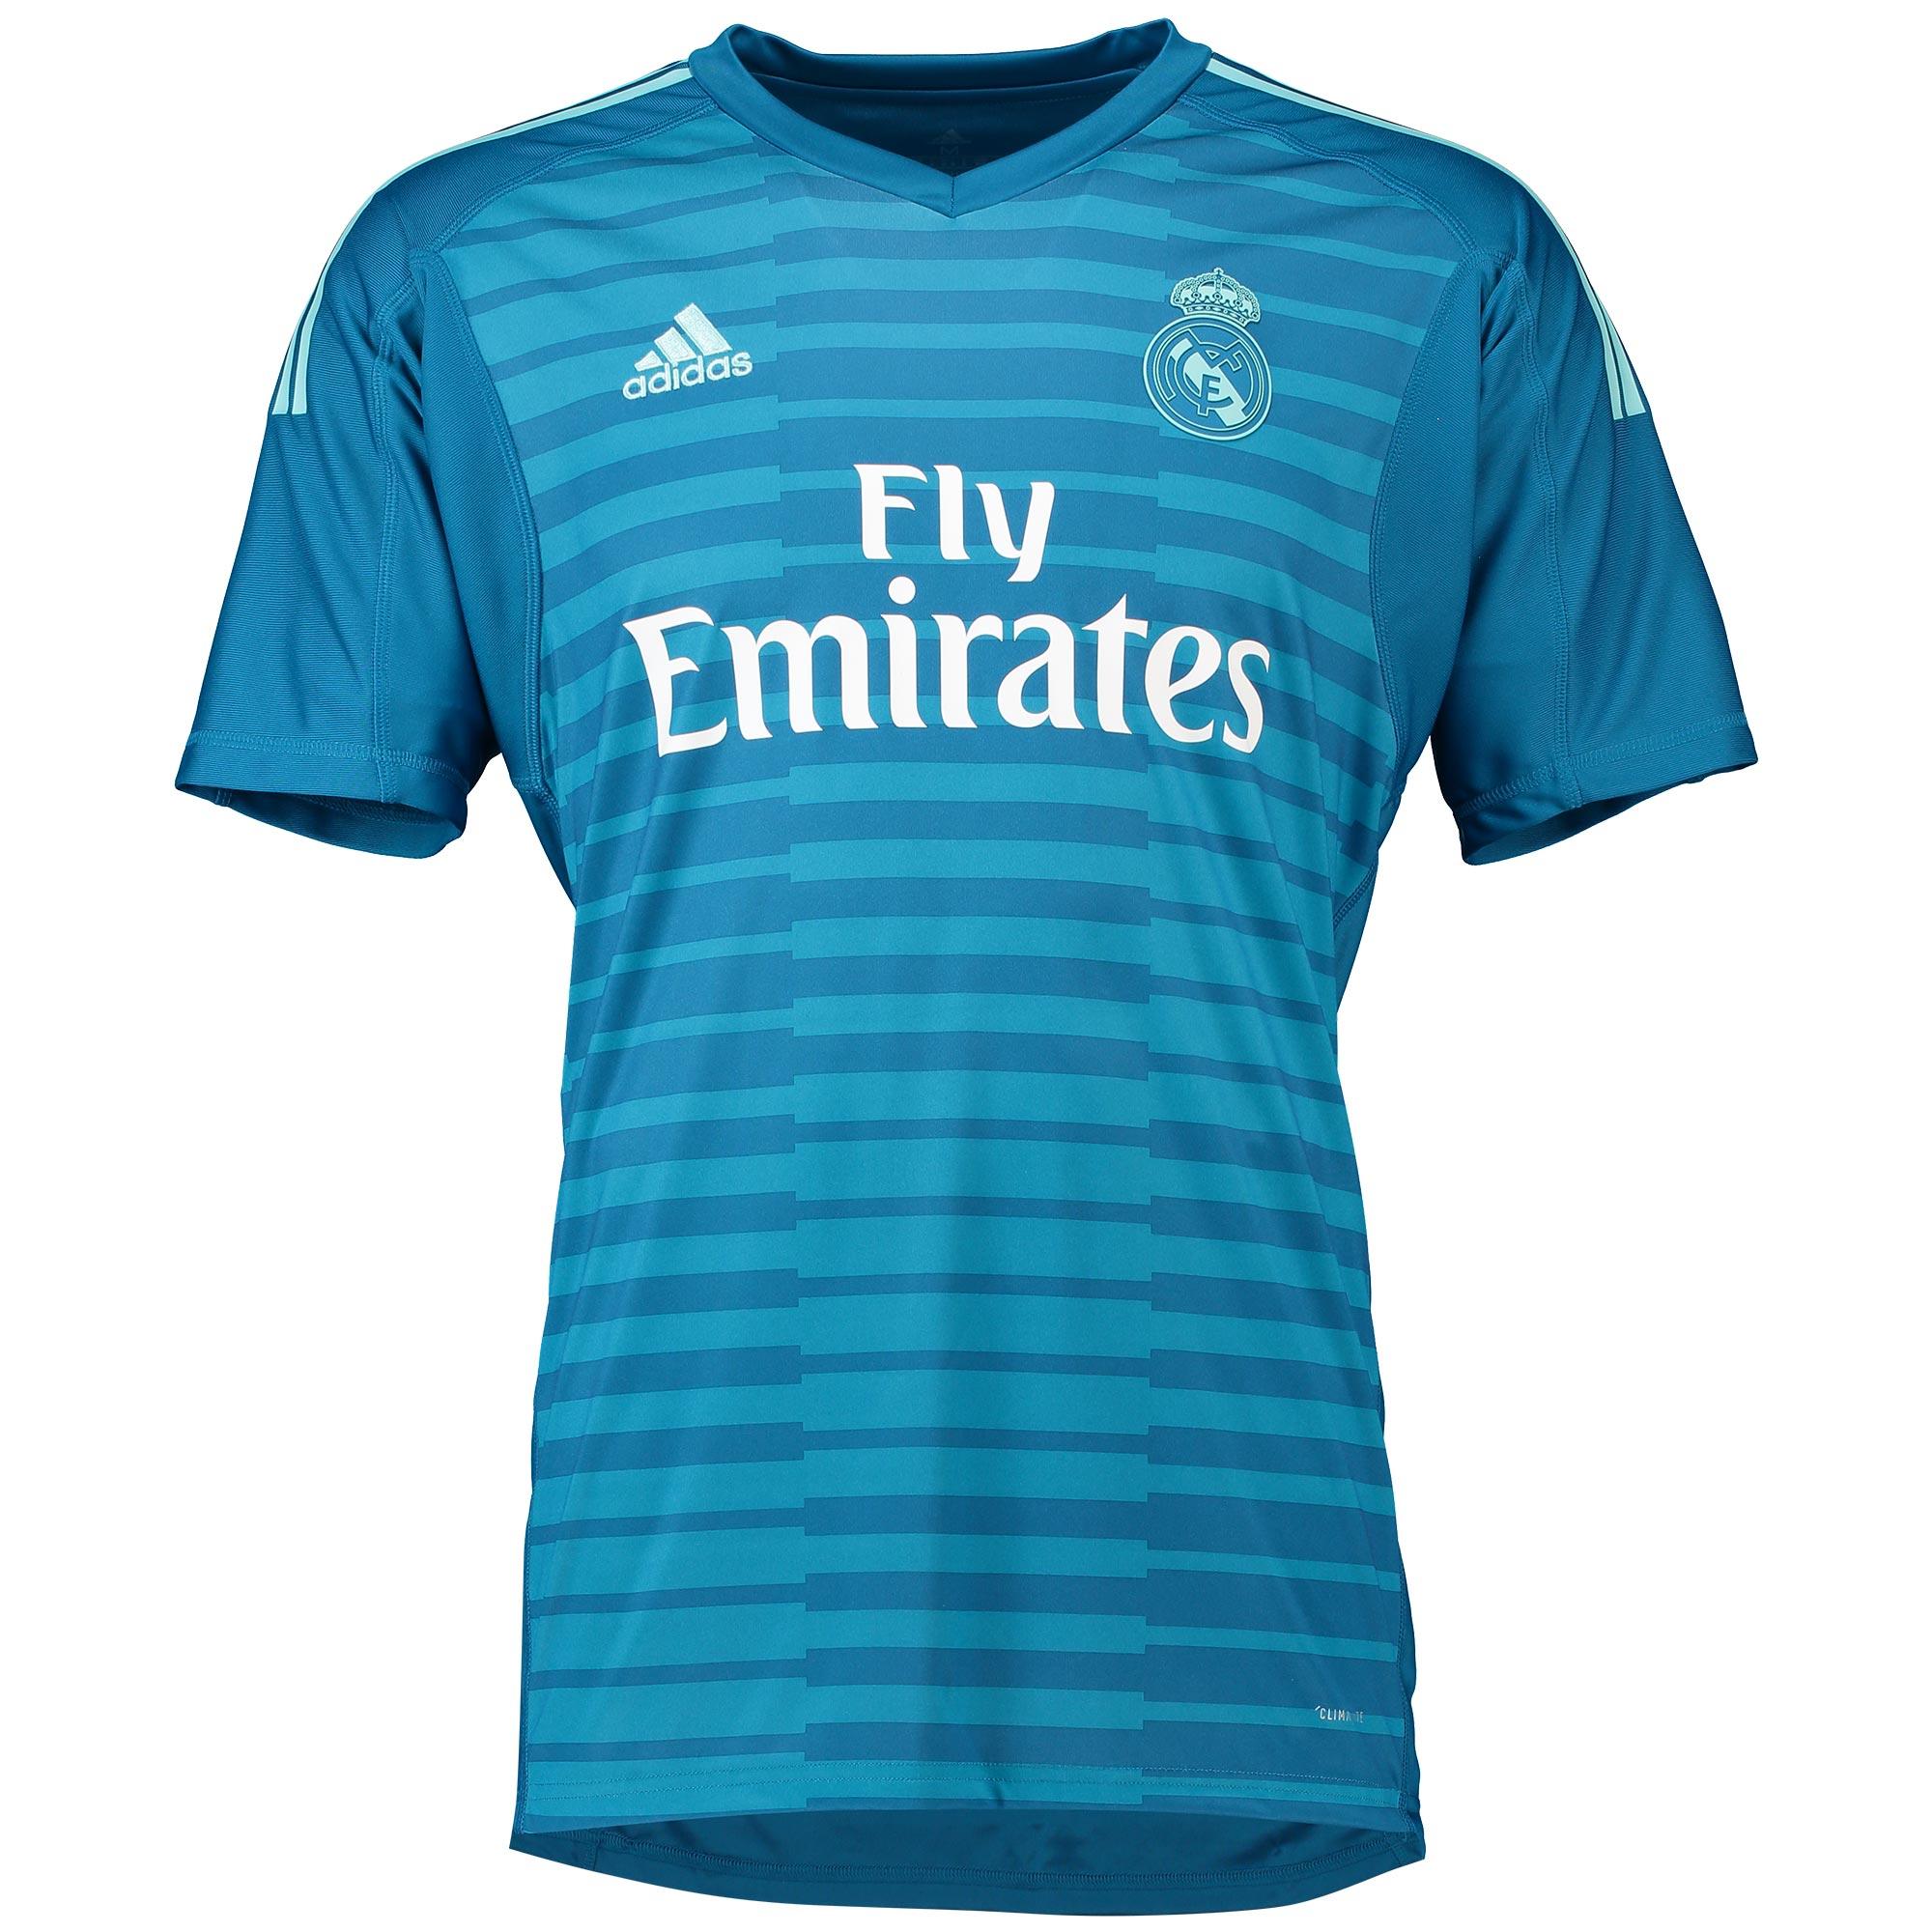 Oficial Real Madrid Segunda Portero Camisa 2018-19 Hombre adidas ... e456b587215c2